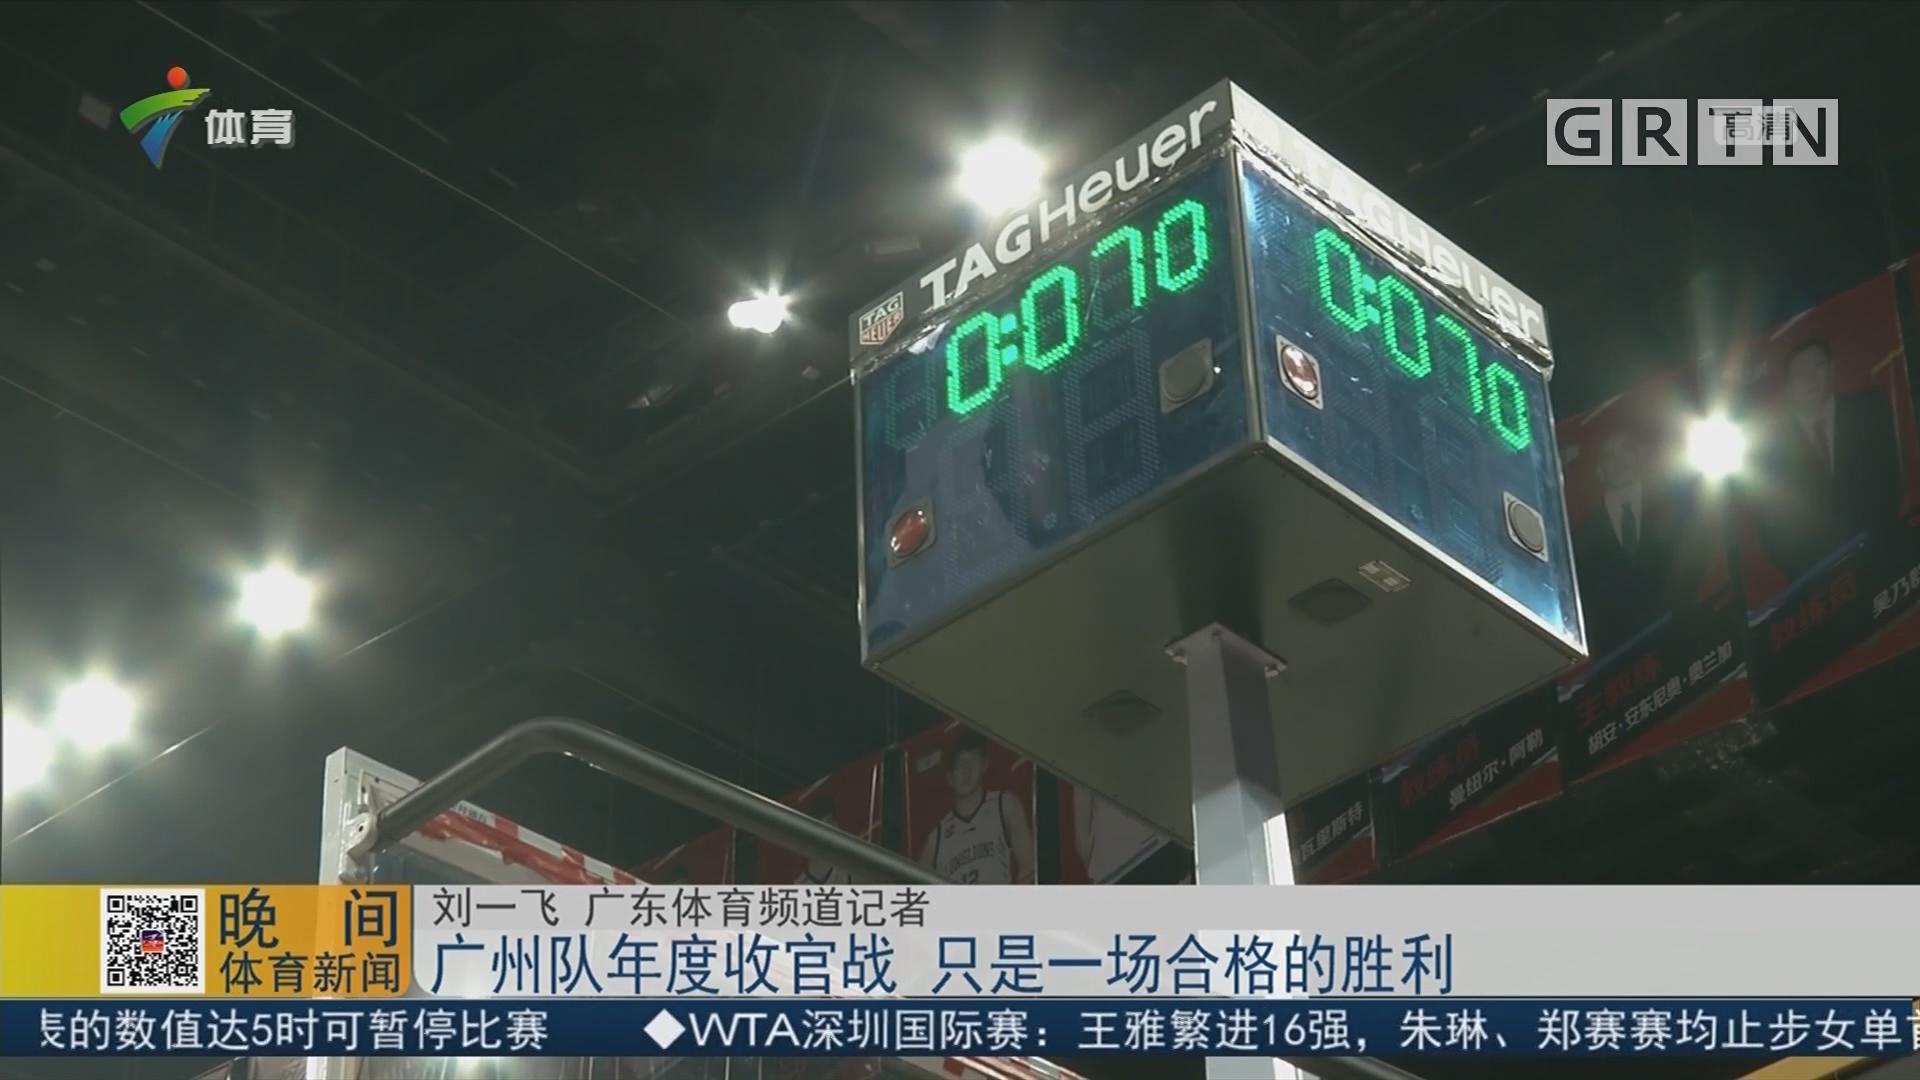 广州队年度收官战 只是一场合格的胜利